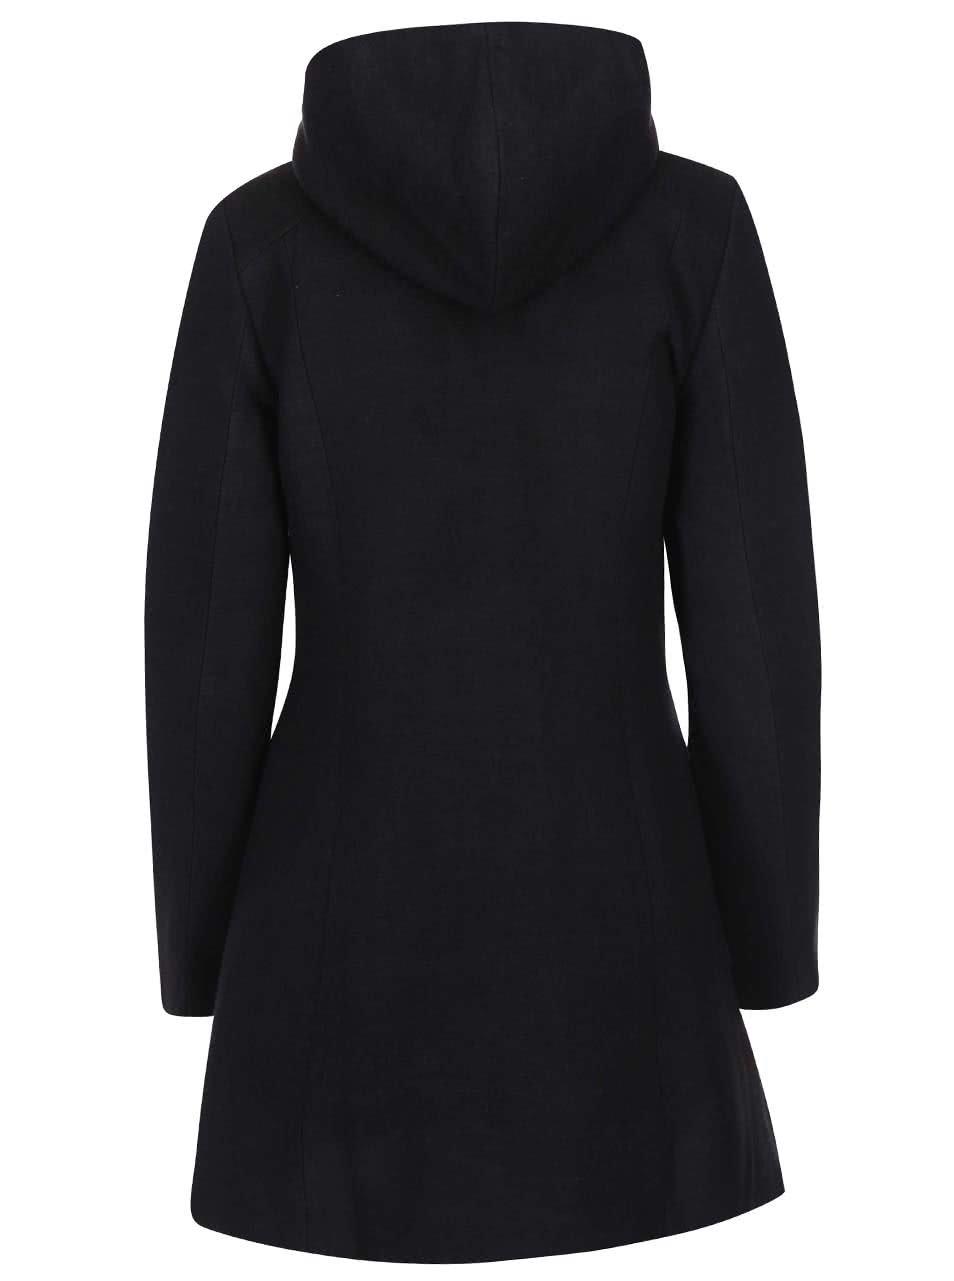 Černý kabát s květinovou podšívkou Desigual Lucia ... 5e91b95ec8c